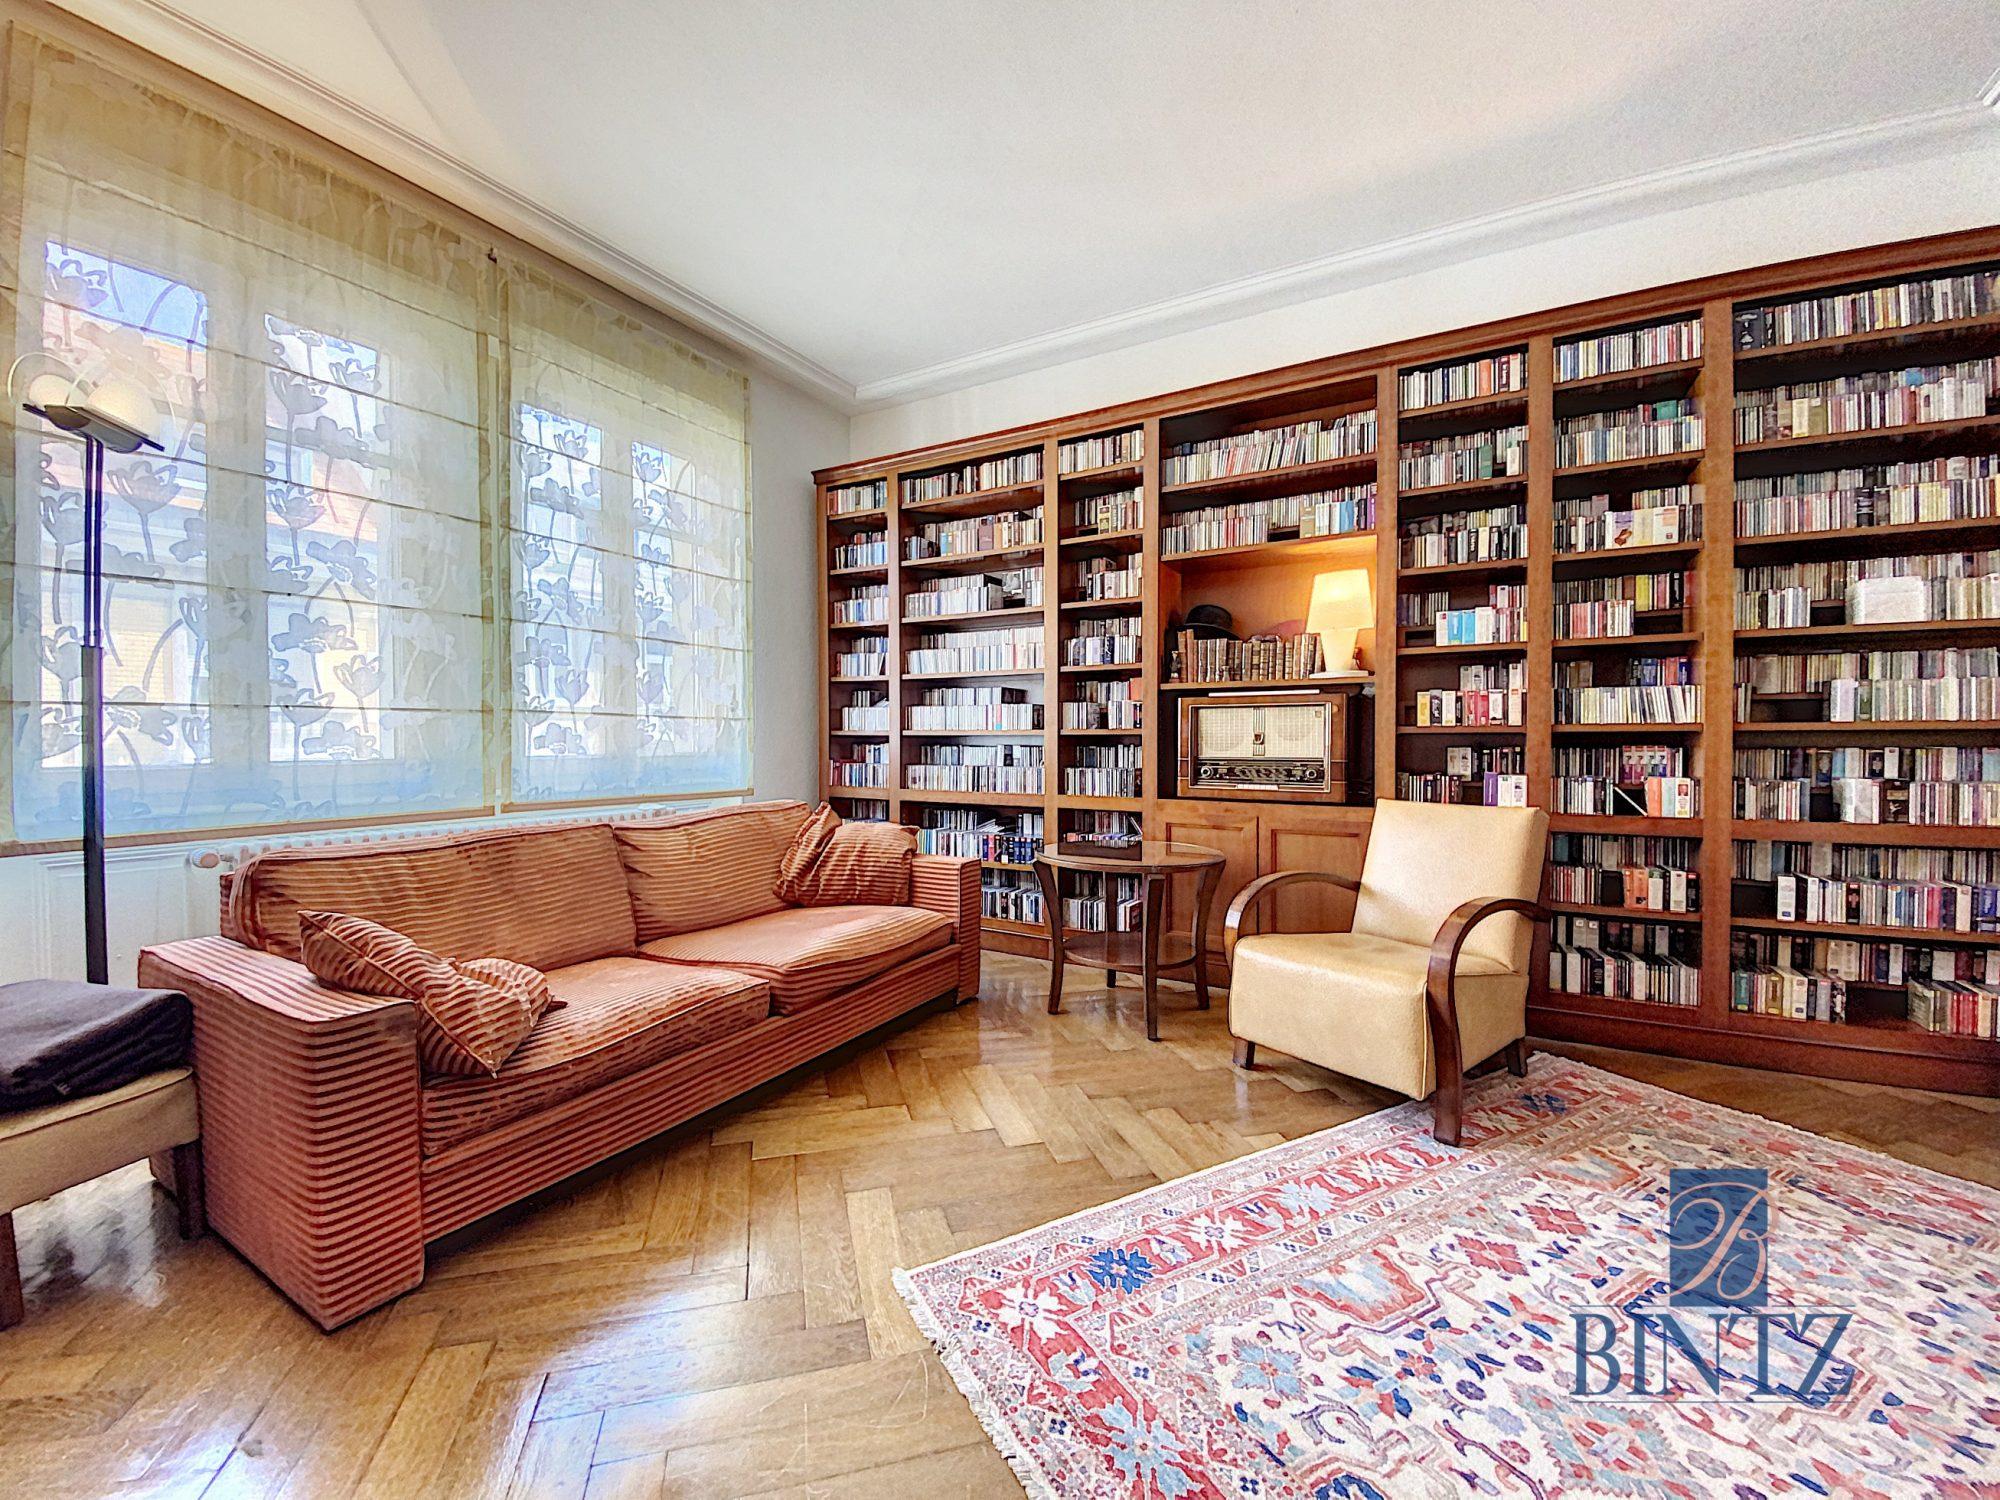 Appartement de 7 pièces – Rue Schwendi - Devenez propriétaire en toute confiance - Bintz Immobilier - 9